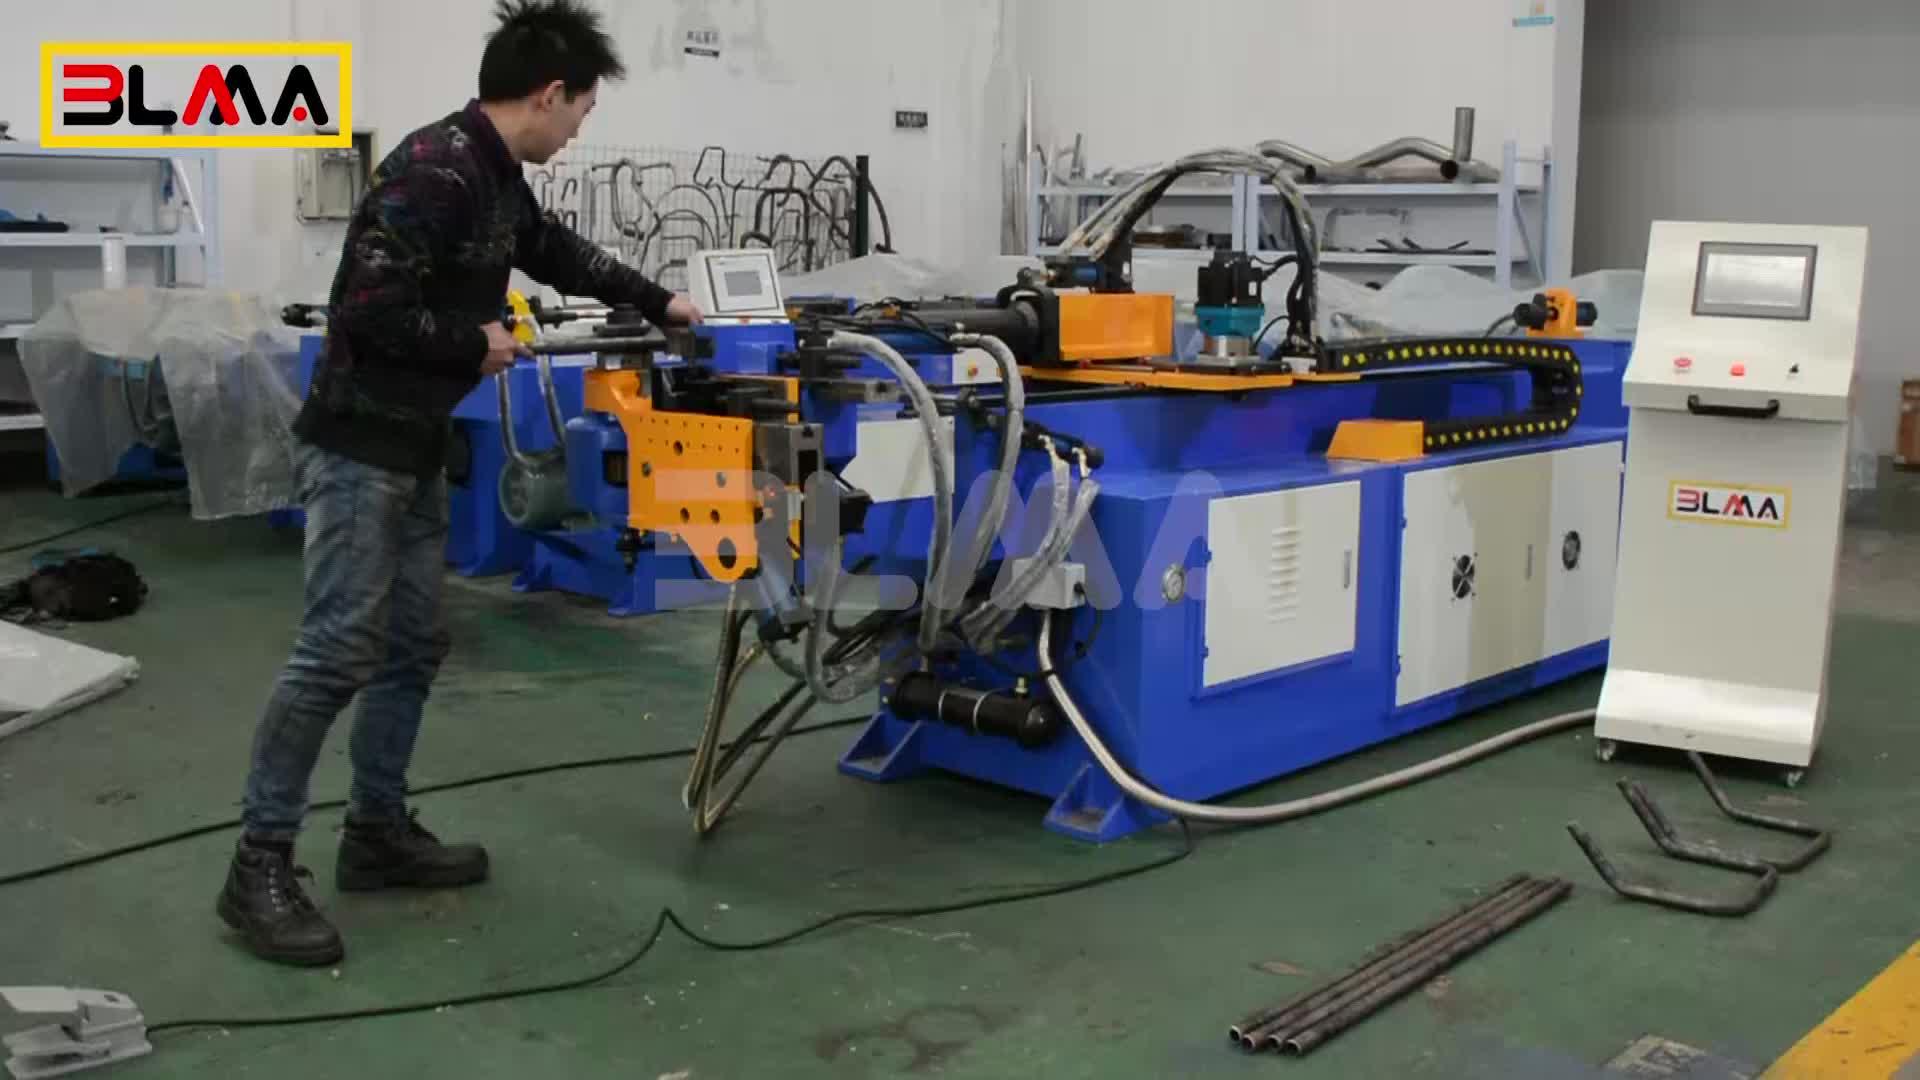 Koltuk Ağır Yatay CNC Mandrel Boru Bükme Makinesi Haddeleme Makinesi Yapımı